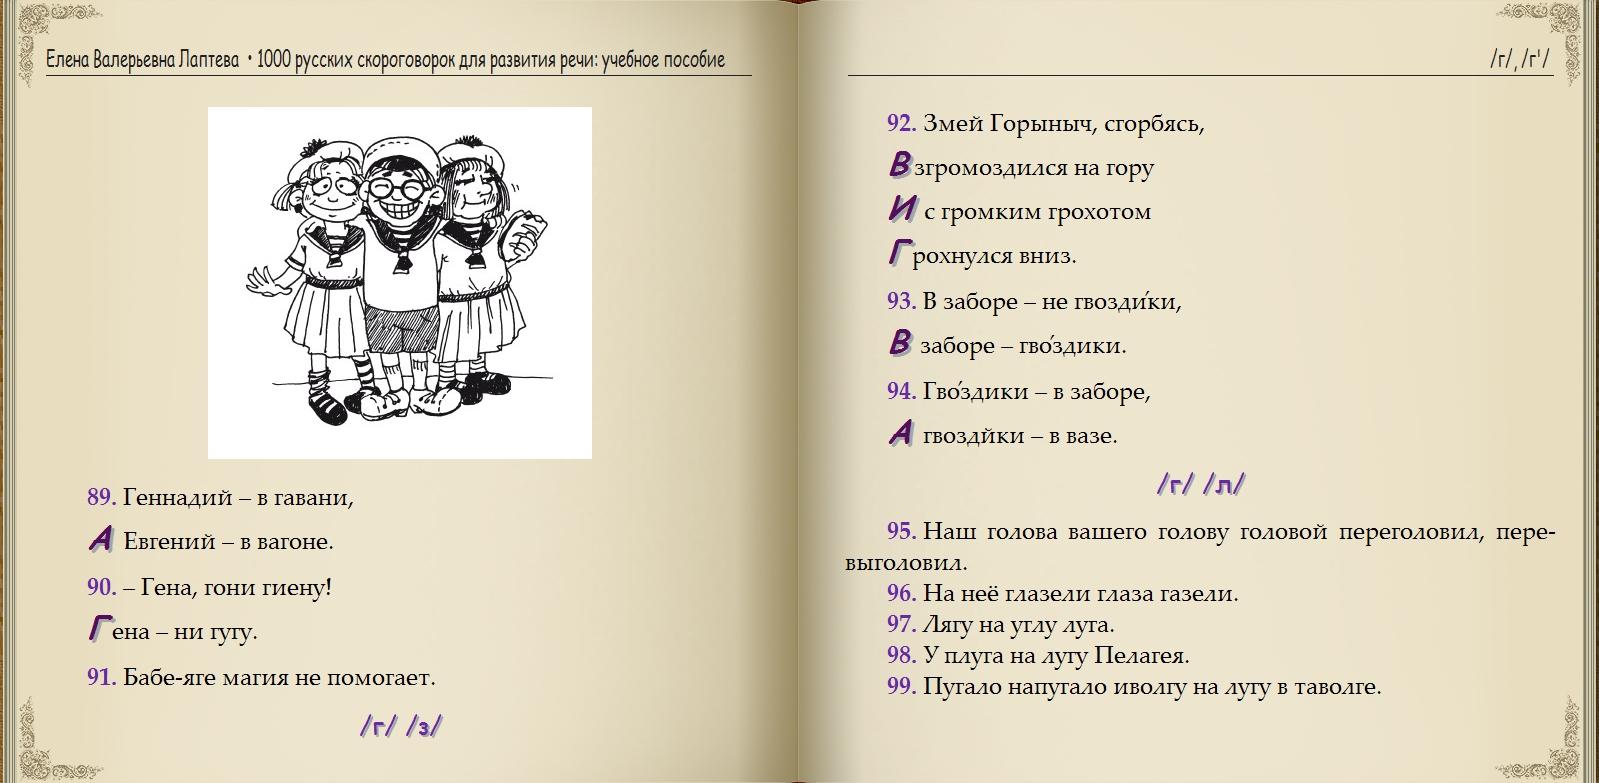 Артем, пригород 1000 русских скороговорок для развития вместе